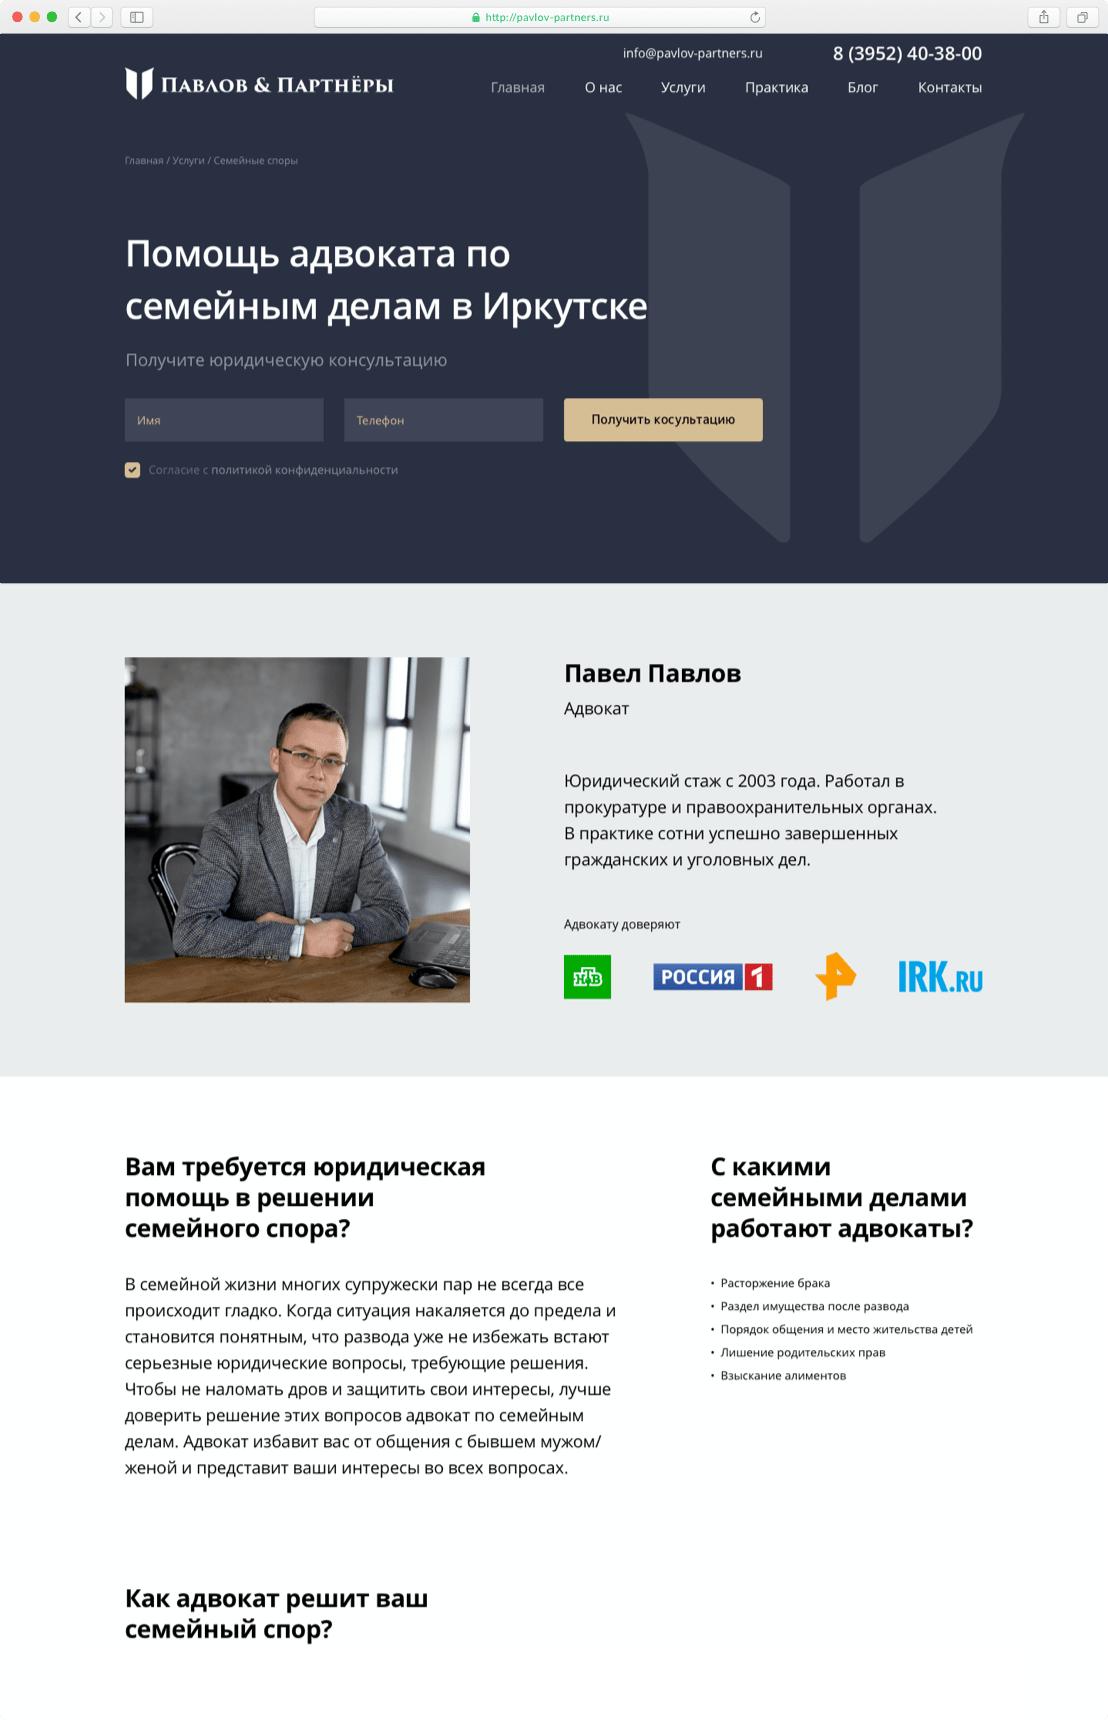 case_pavlov_sitepage_3-min